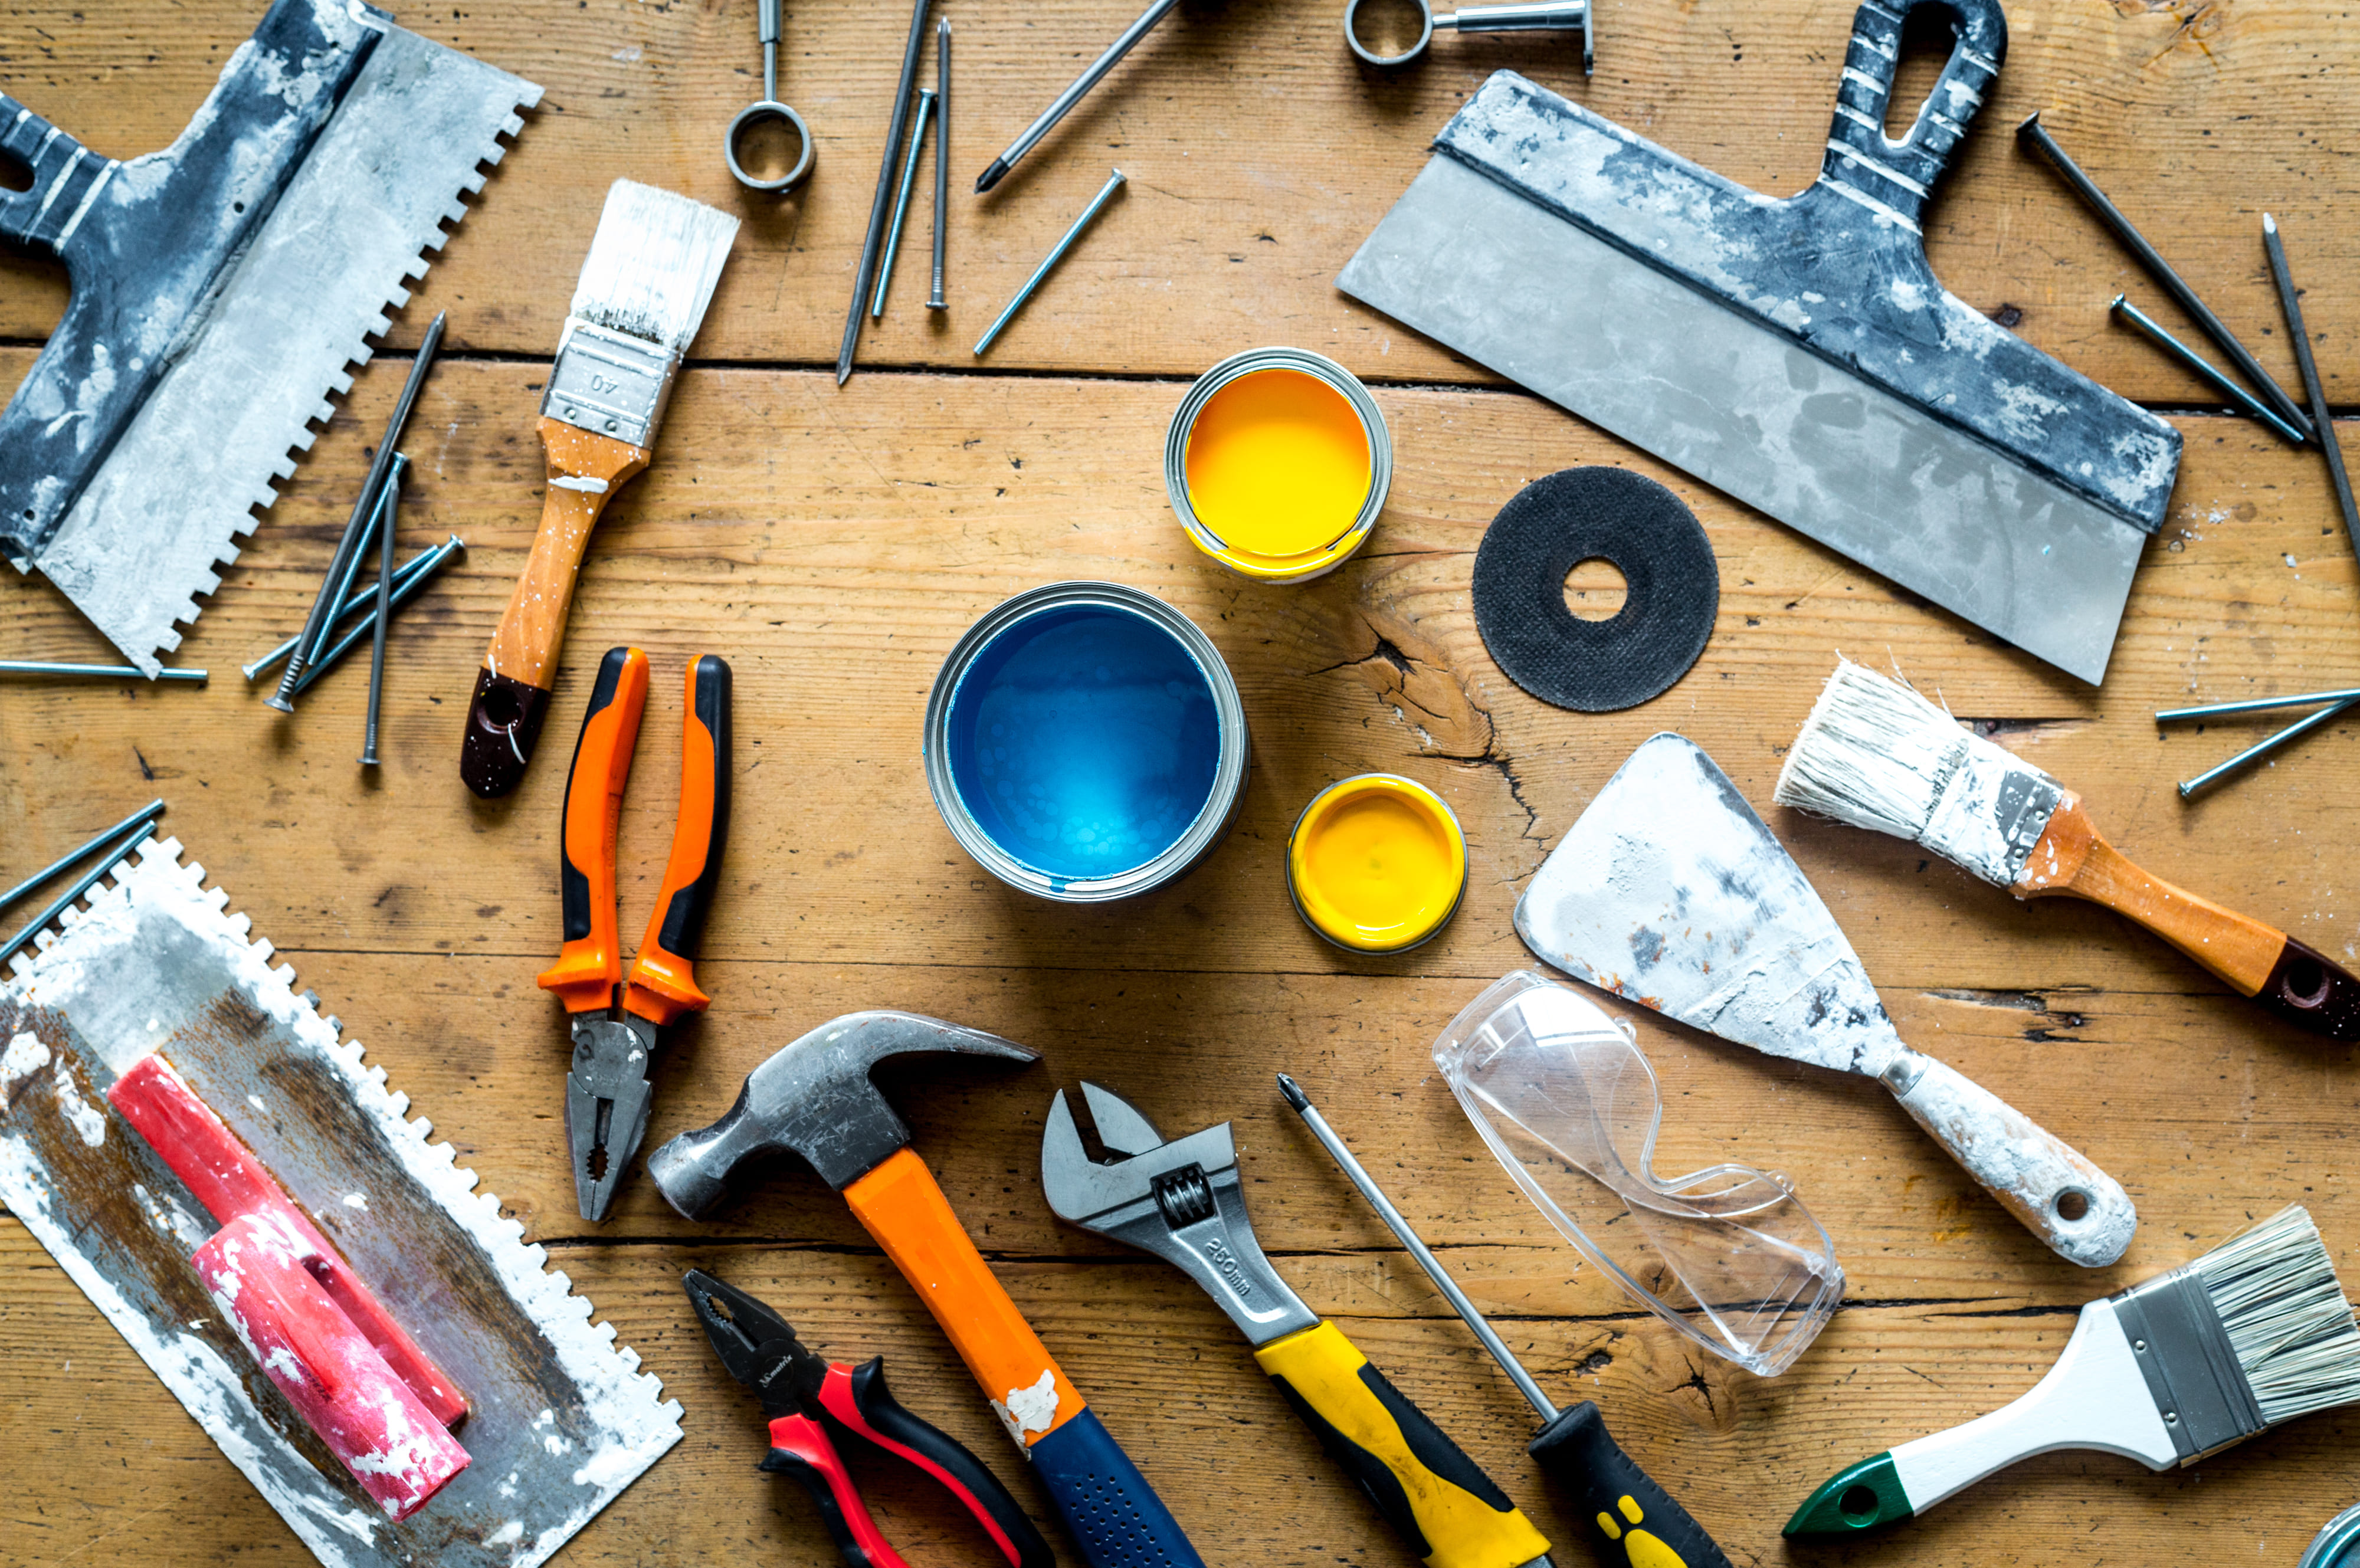 учет материалов и инструмента на складе